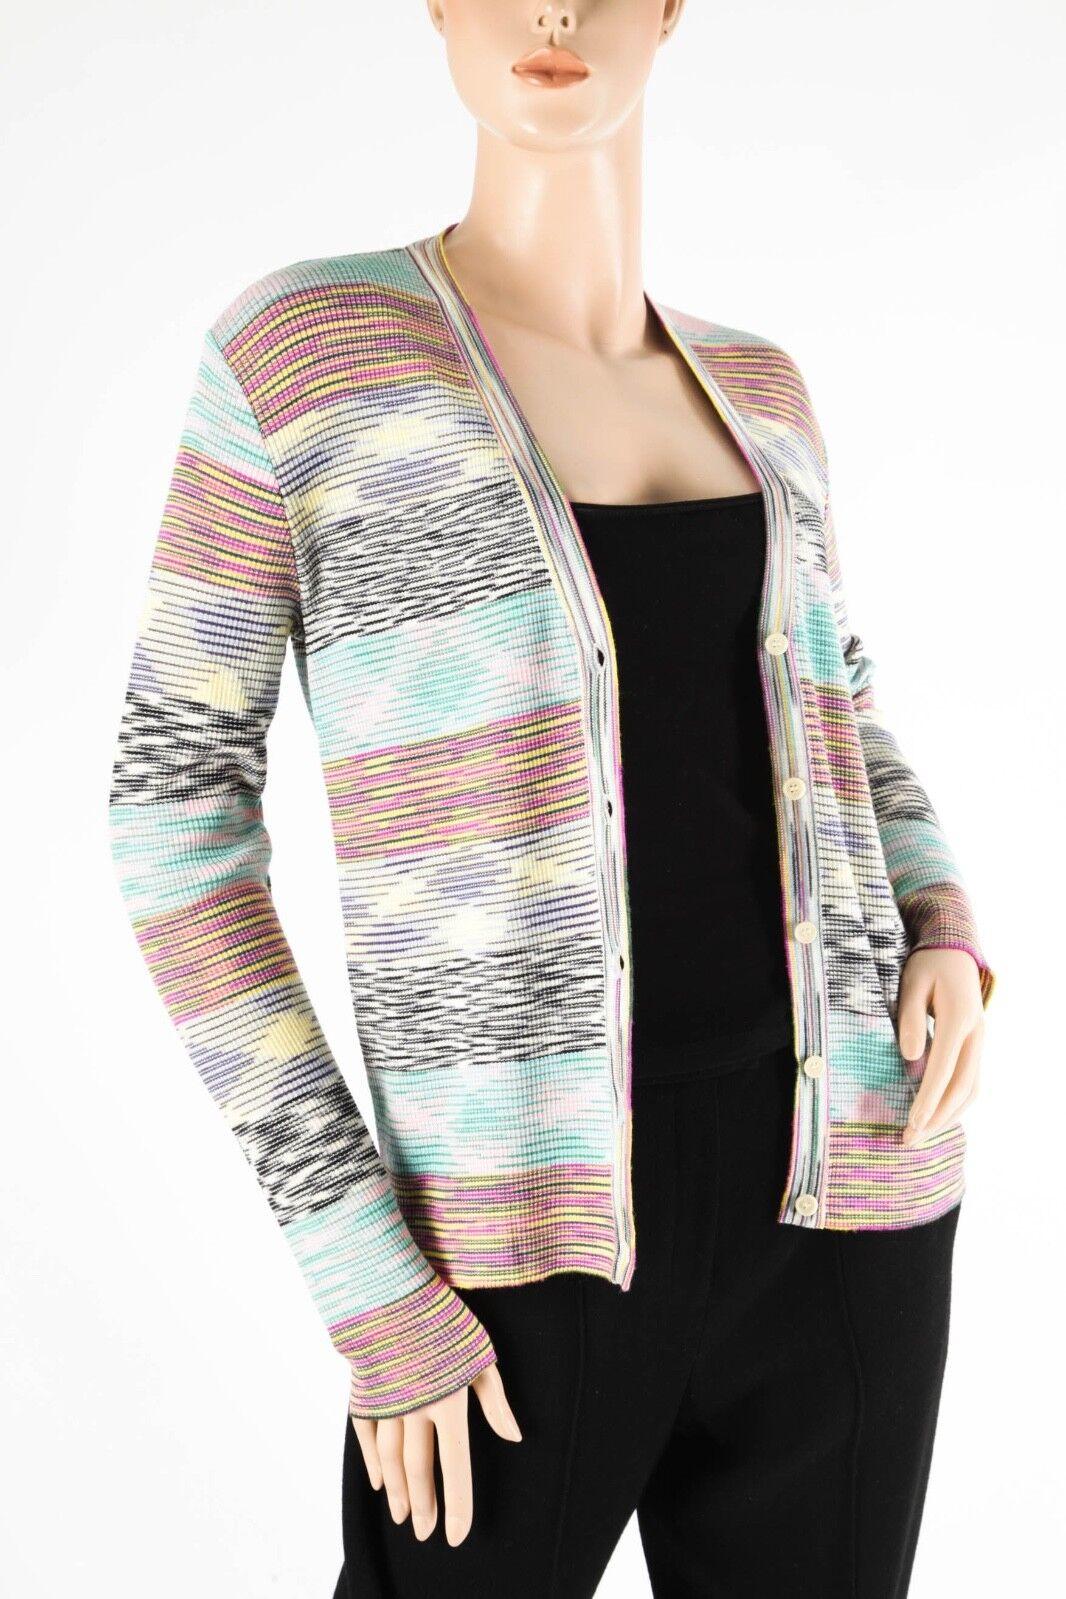 MISSONI – Classic Merino Wool Multi-color Multi-color Multi-color Stripped Cardigan – Size 12 5d8949